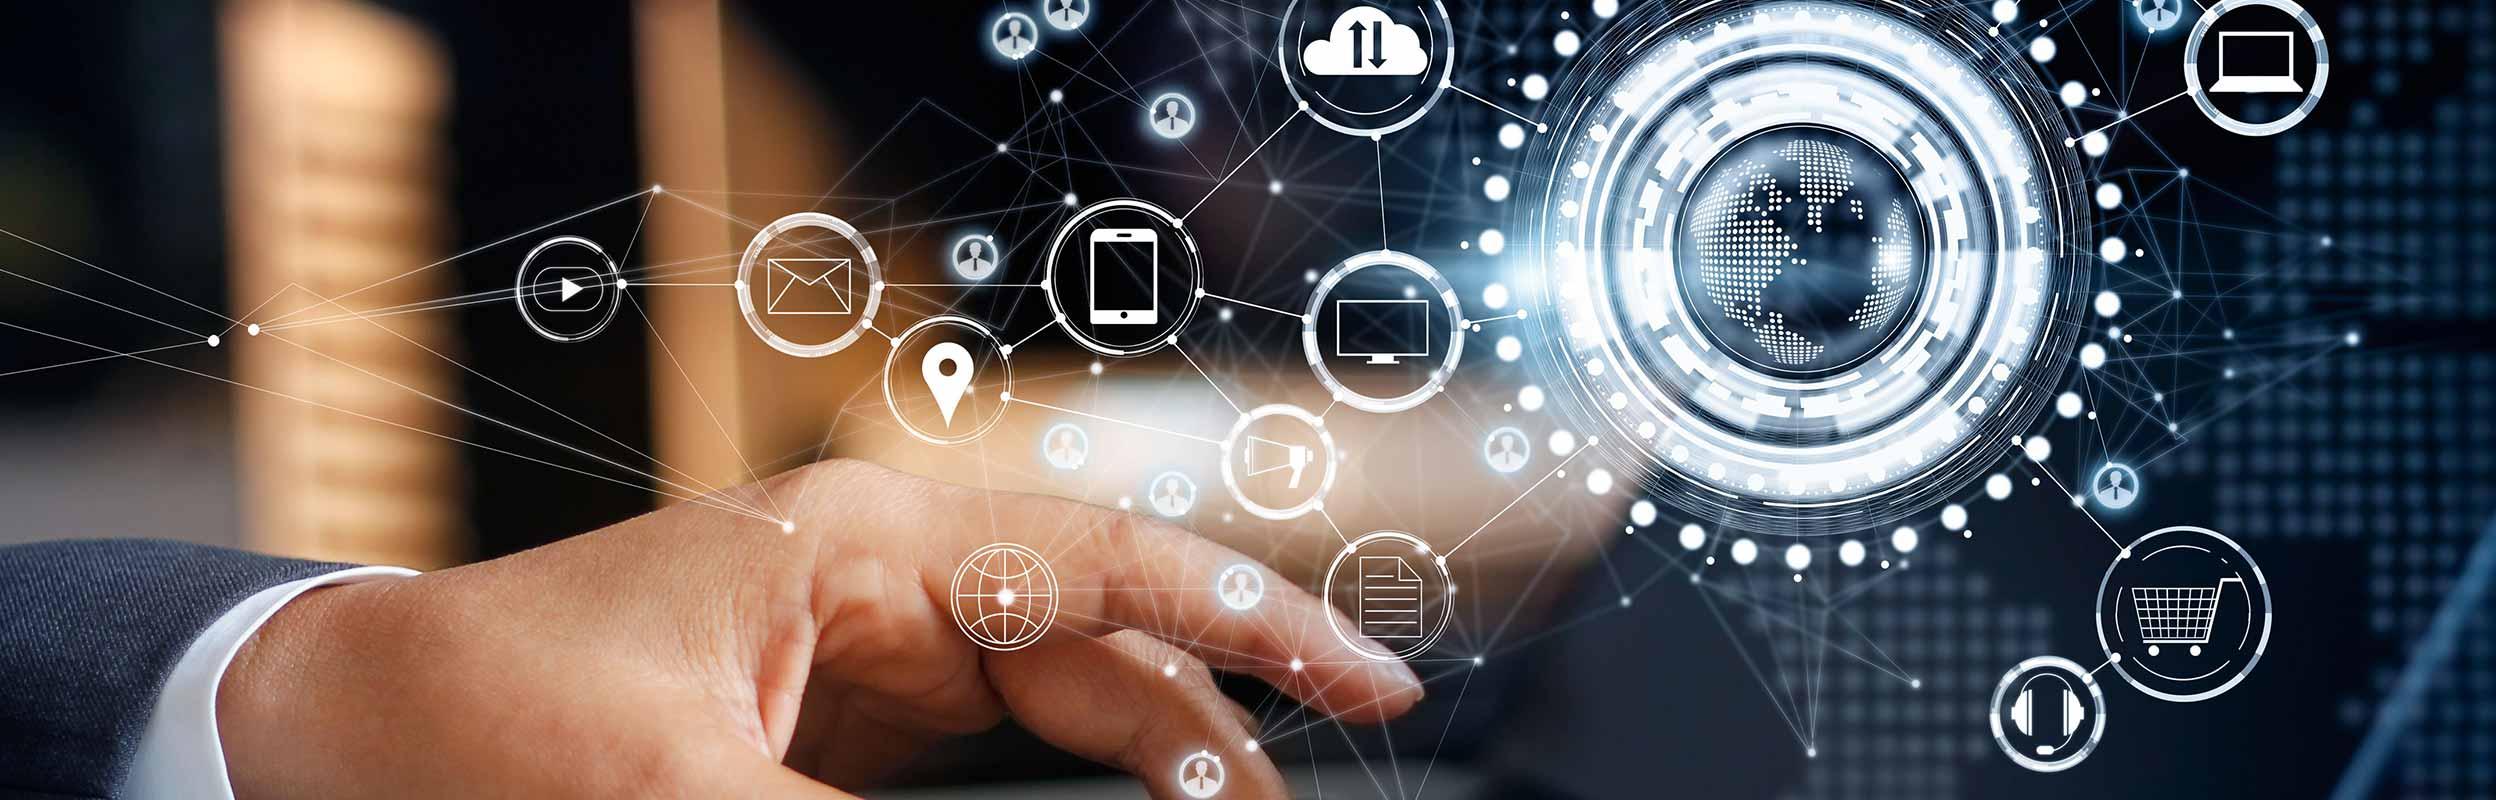 utilite logiciel gestion flux bancaire